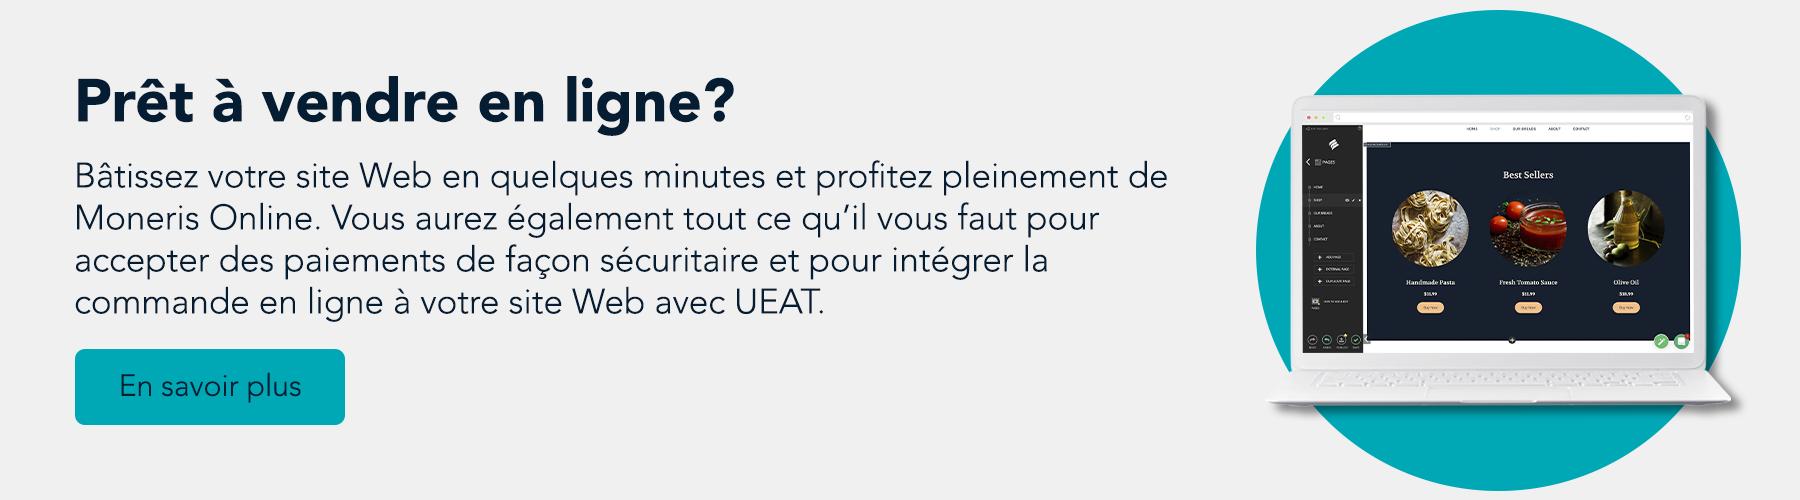 Prêt à vendre en ligne? Bâtissez votre site Web en quelques minutes et profitez pleinement de Moneris Online. Vous aurez également tout ce qu'il vous faut pour accepter des paiements de façon sécuritaire et pour intégrer la commande en ligne à votre site Web avec UEAT.